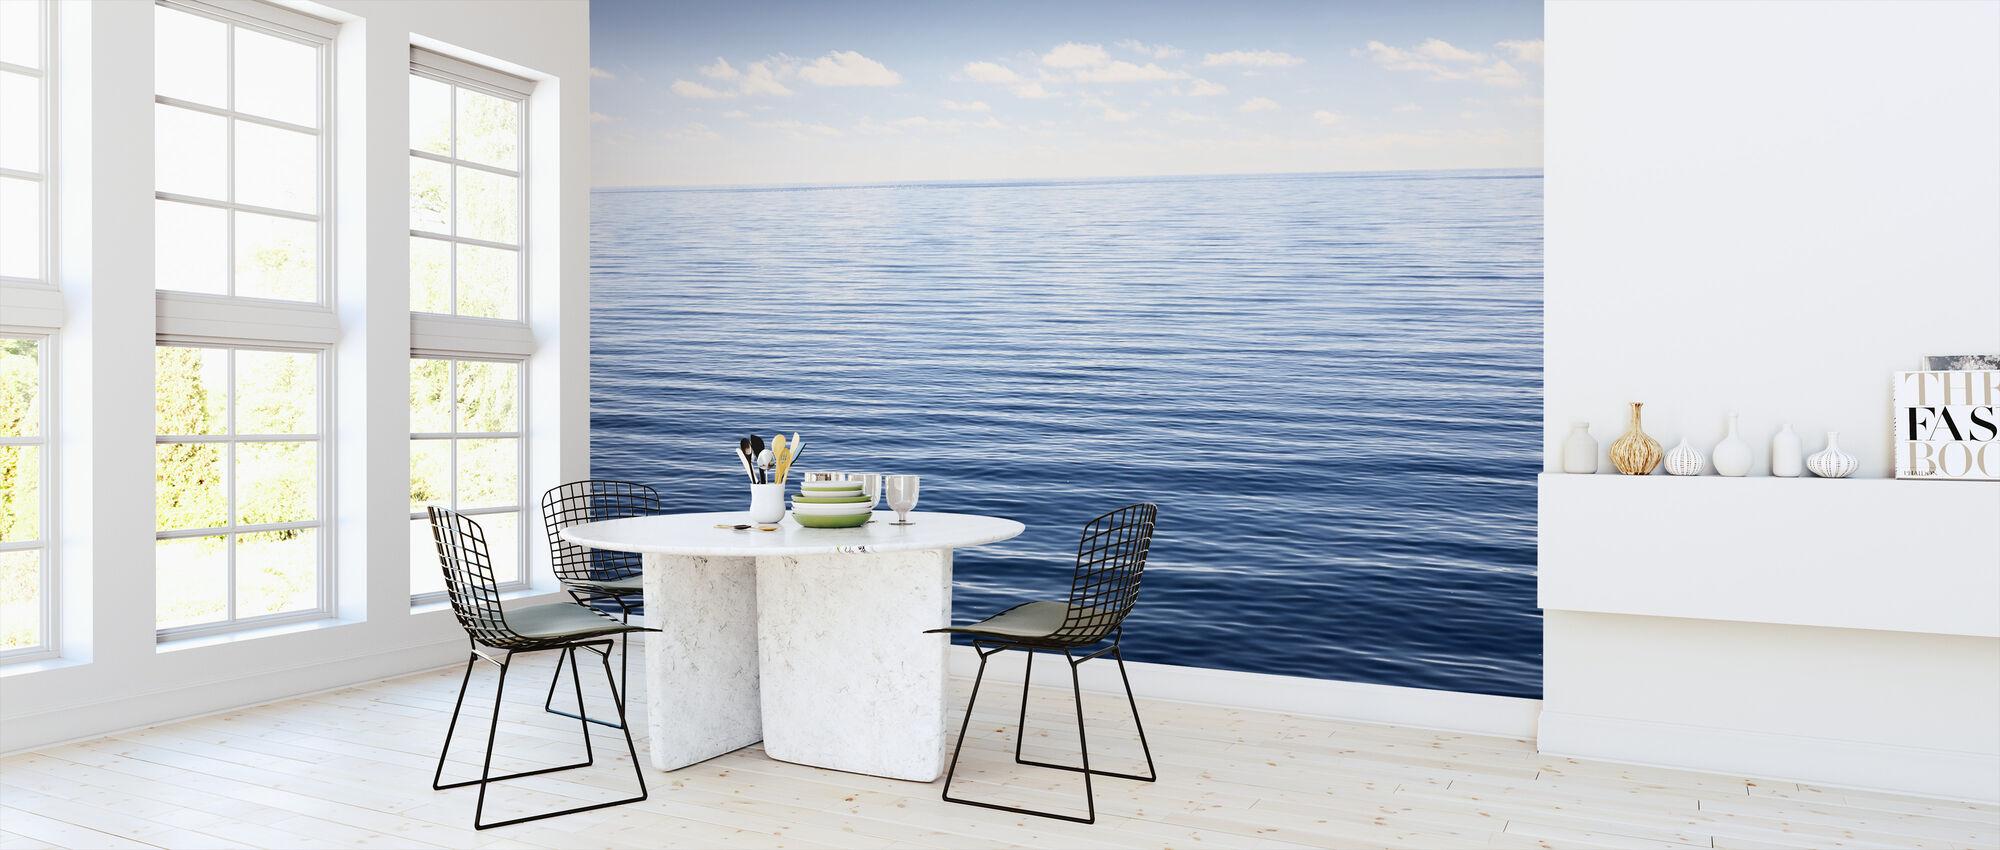 Endless Sea - Wallpaper - Kitchen